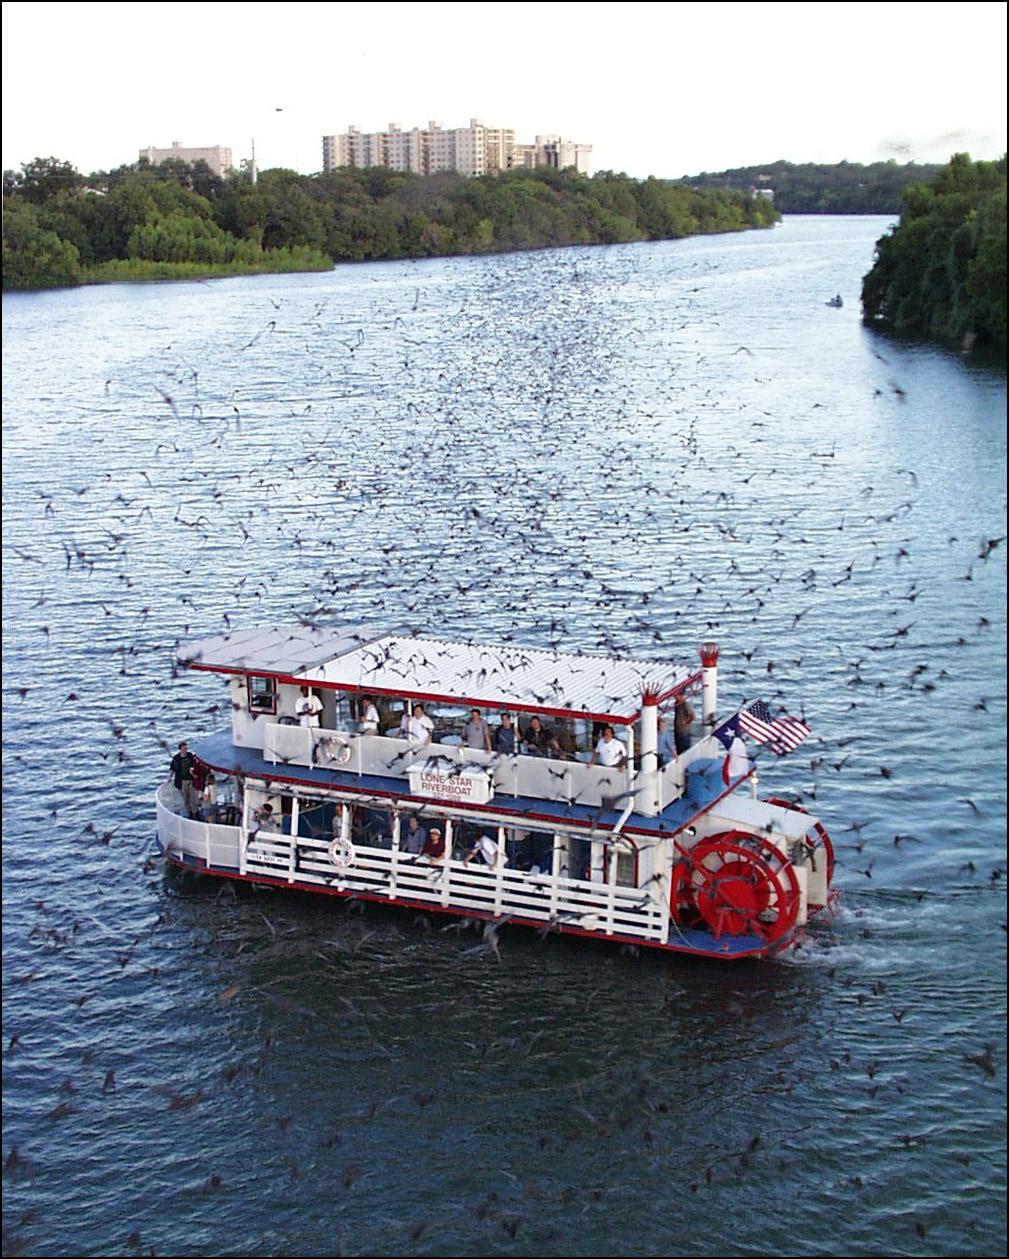 bats-by-town-lake-boat